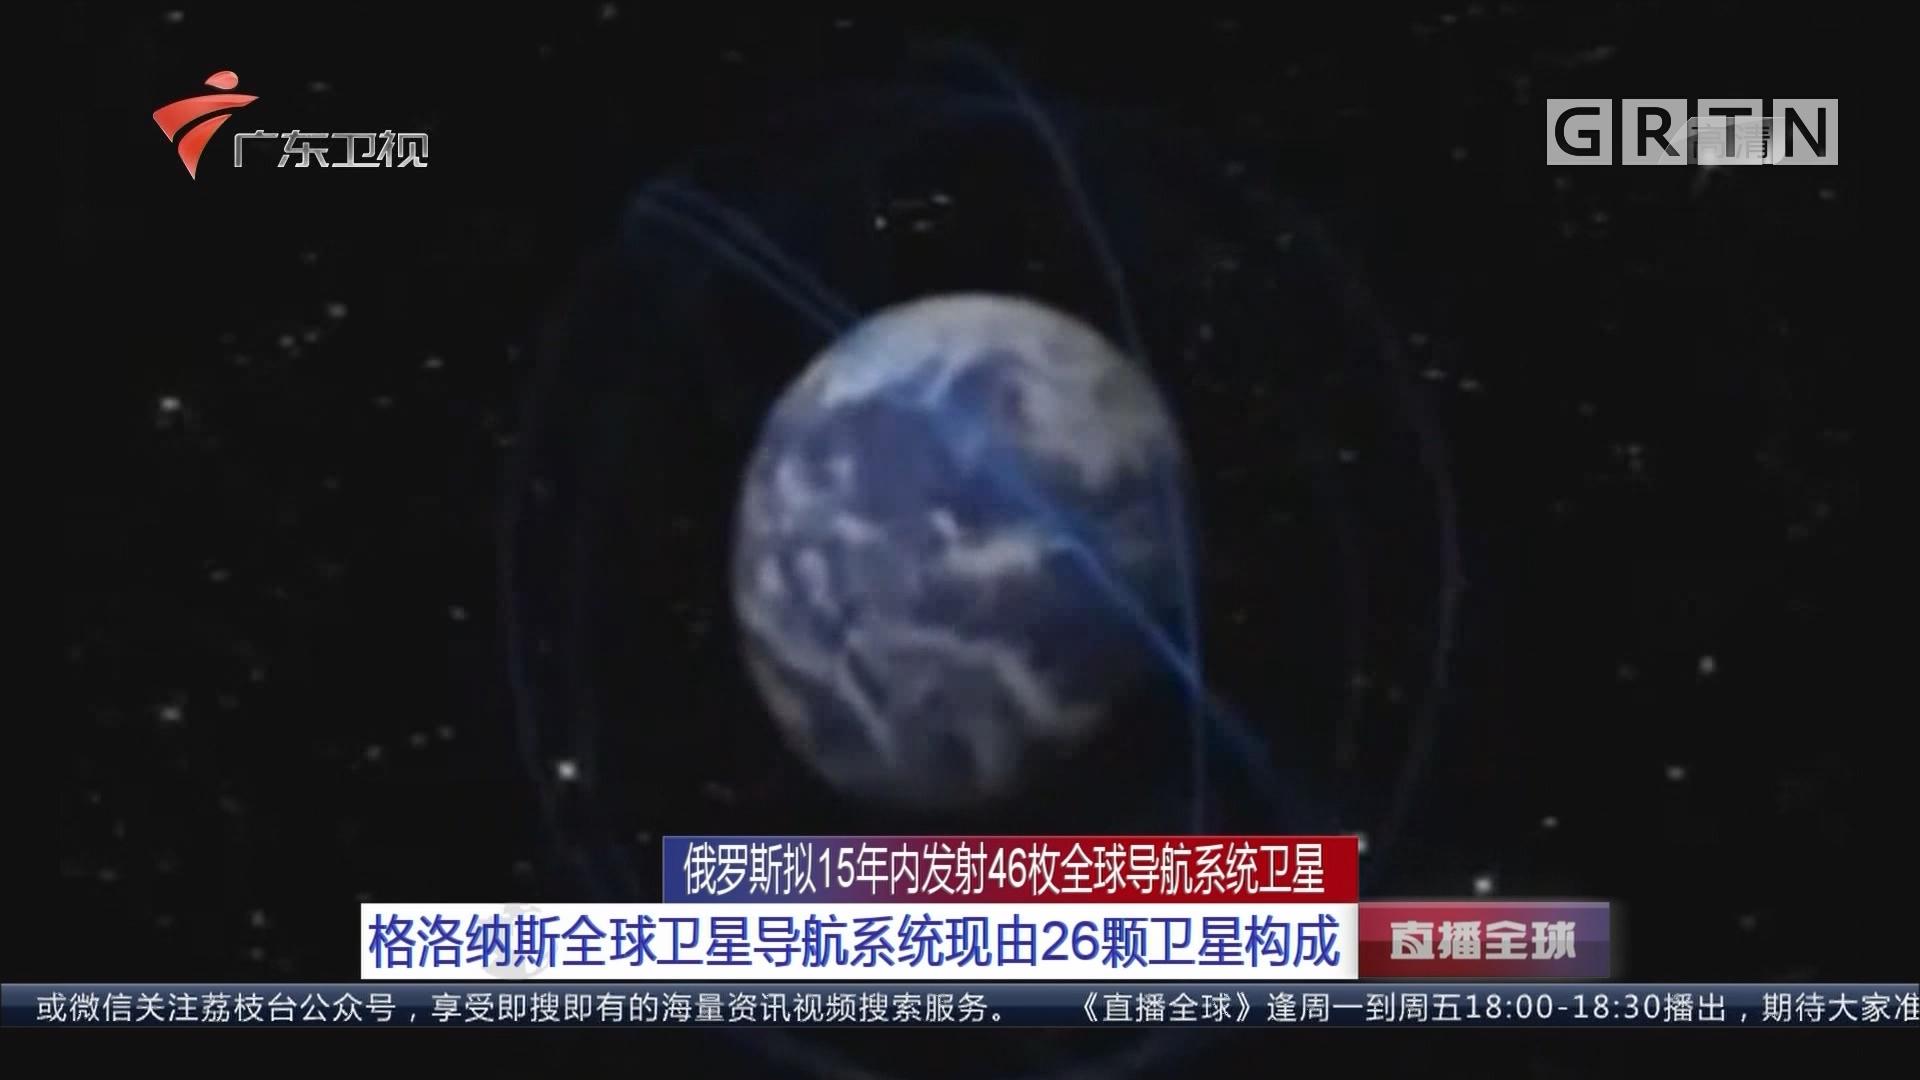 俄罗斯拟15年内发射46枚全球导航系统卫星:格洛纳斯全球卫星导航系统现由26颗卫星构成